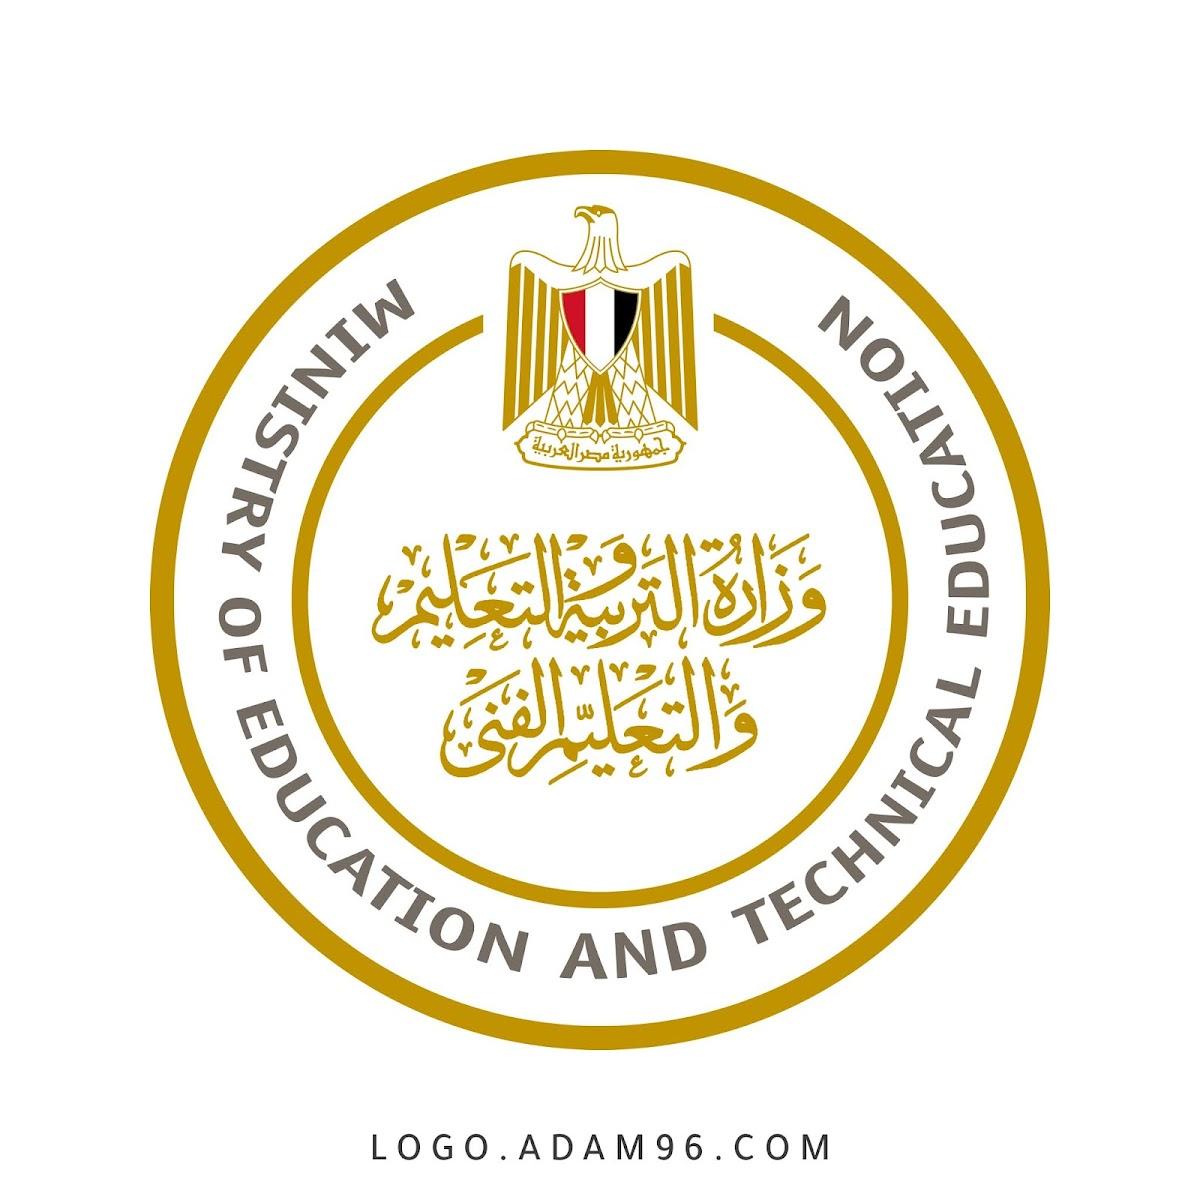 تحميل شعار وزارة التربية والتعليم والتعليم الفني Ministry Of Education